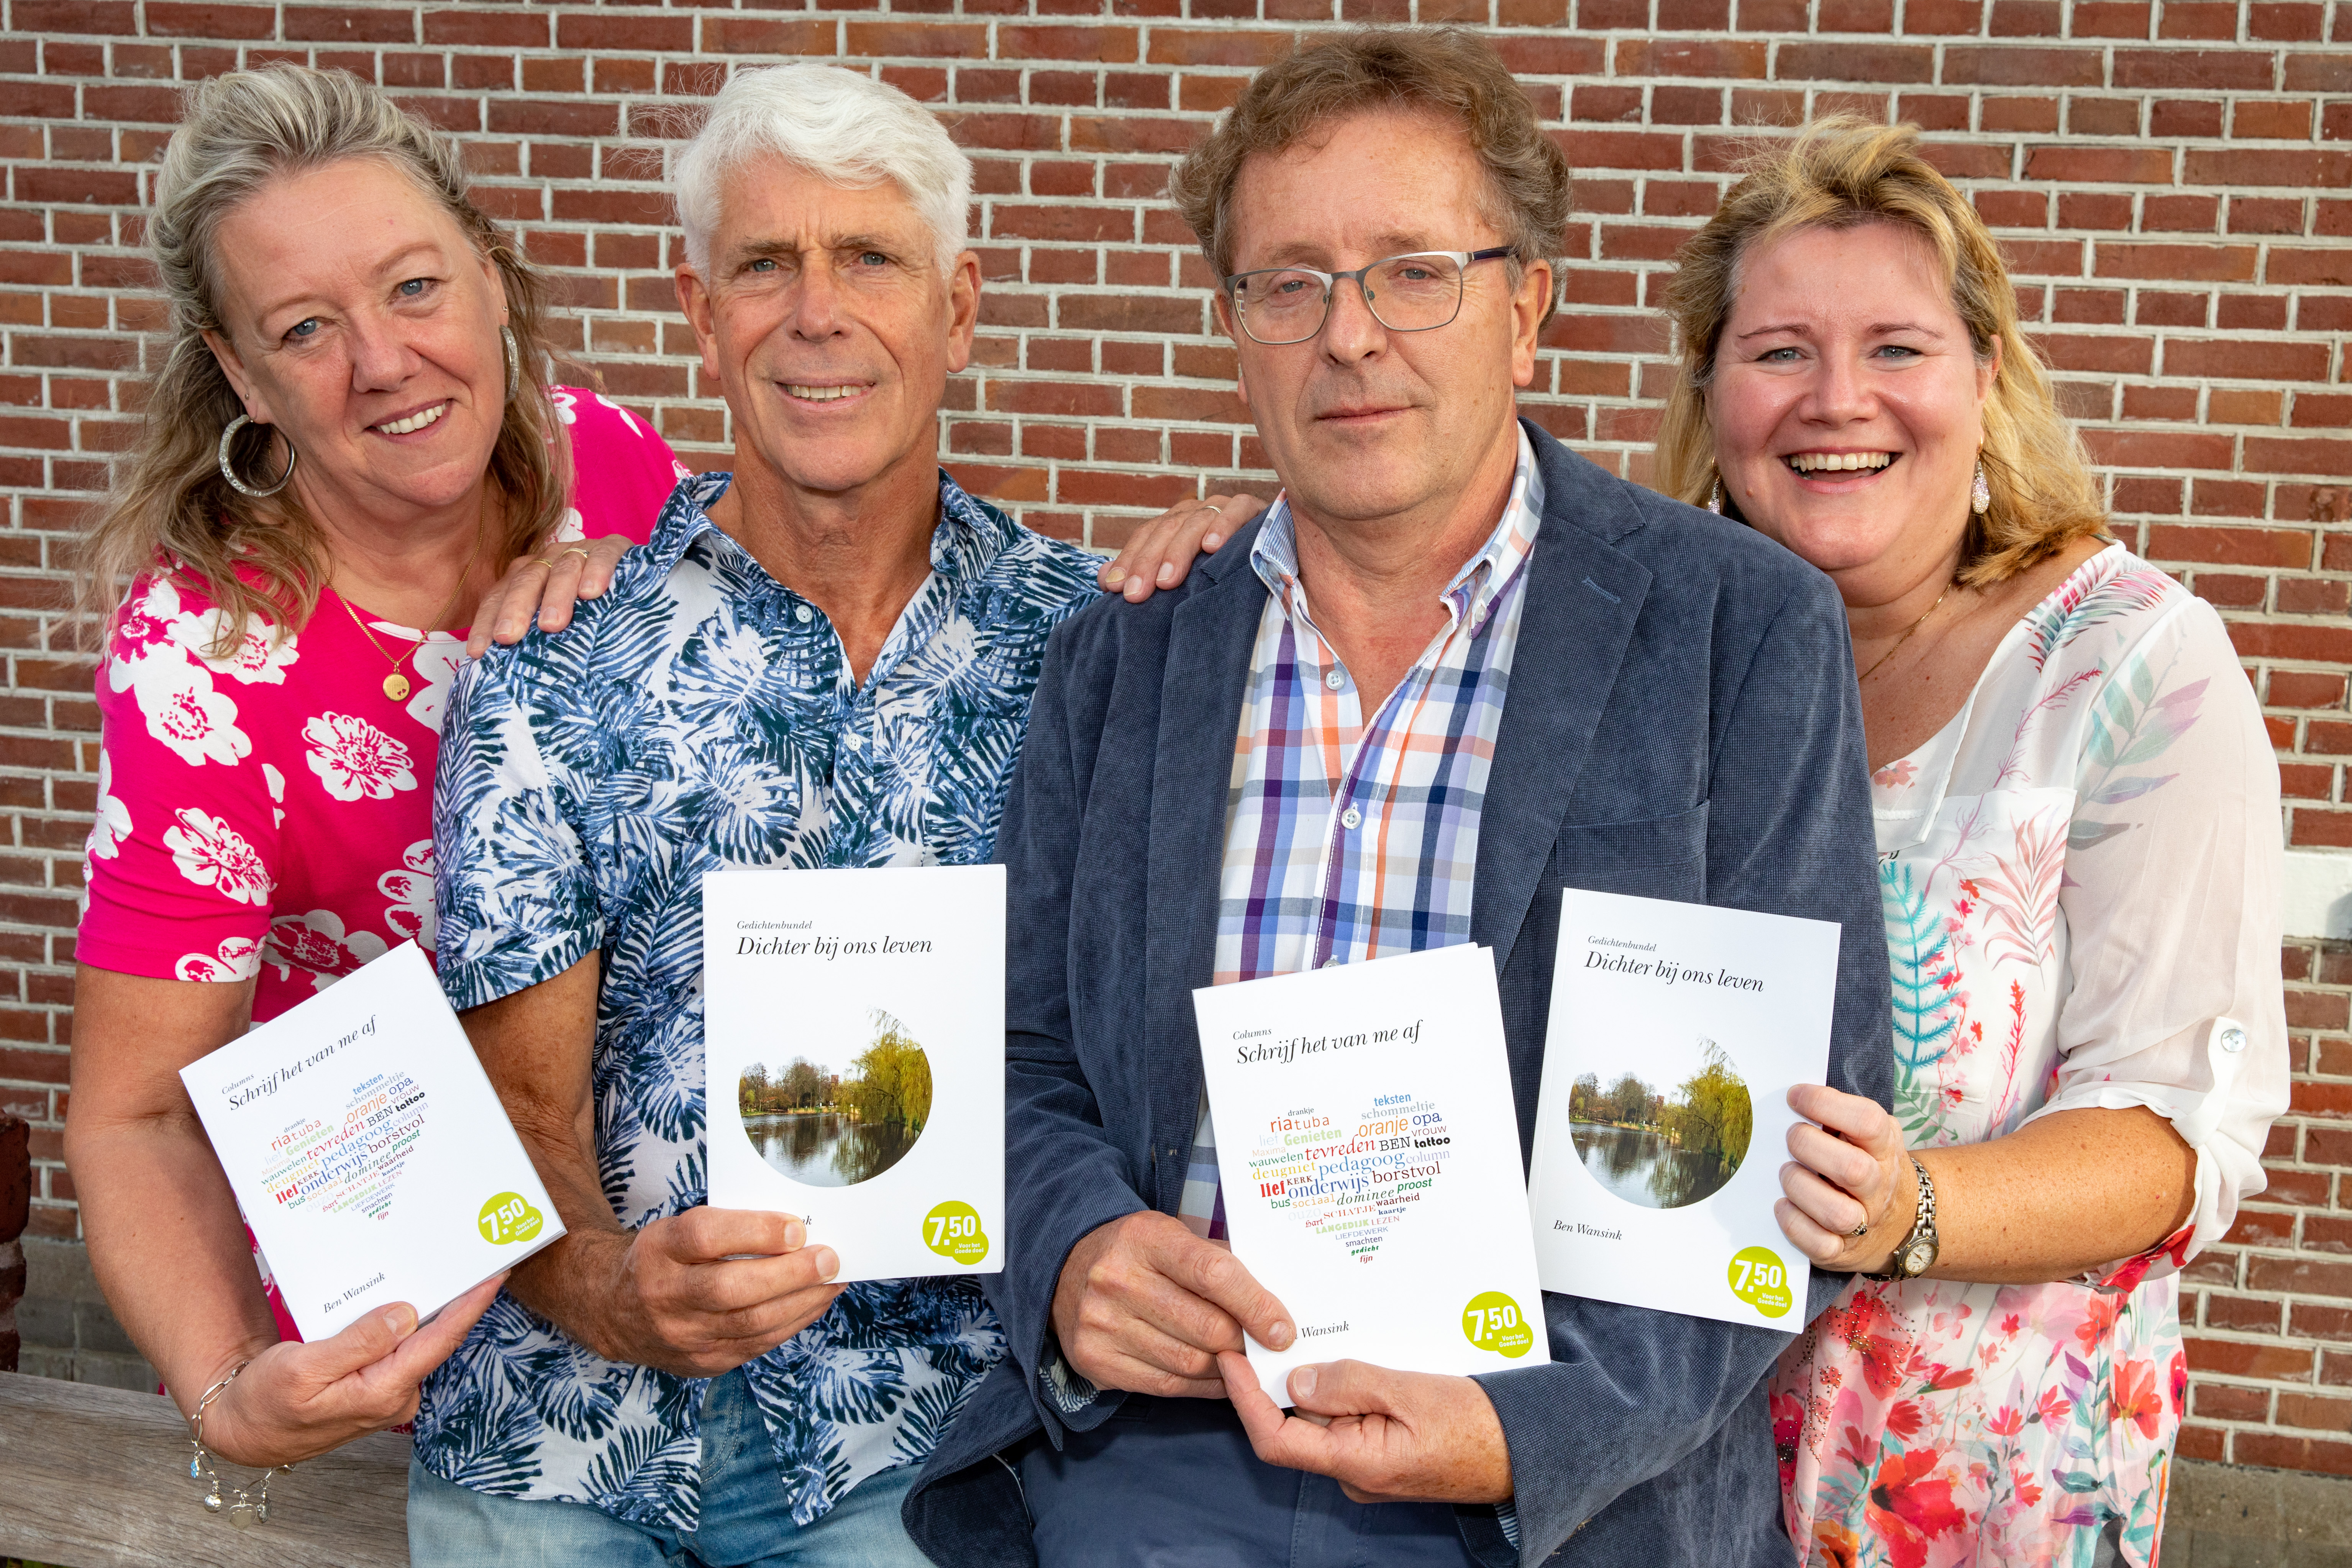 V.l.n.r. Iet van de Berg (seniorencoach Wonen Plus Welzijn), Guido Lamm (zanger), Ben Wansink (auteur) en Marieke Neesen (St. Lief Langedijk). (Foto: Vincent de Vries/RM)